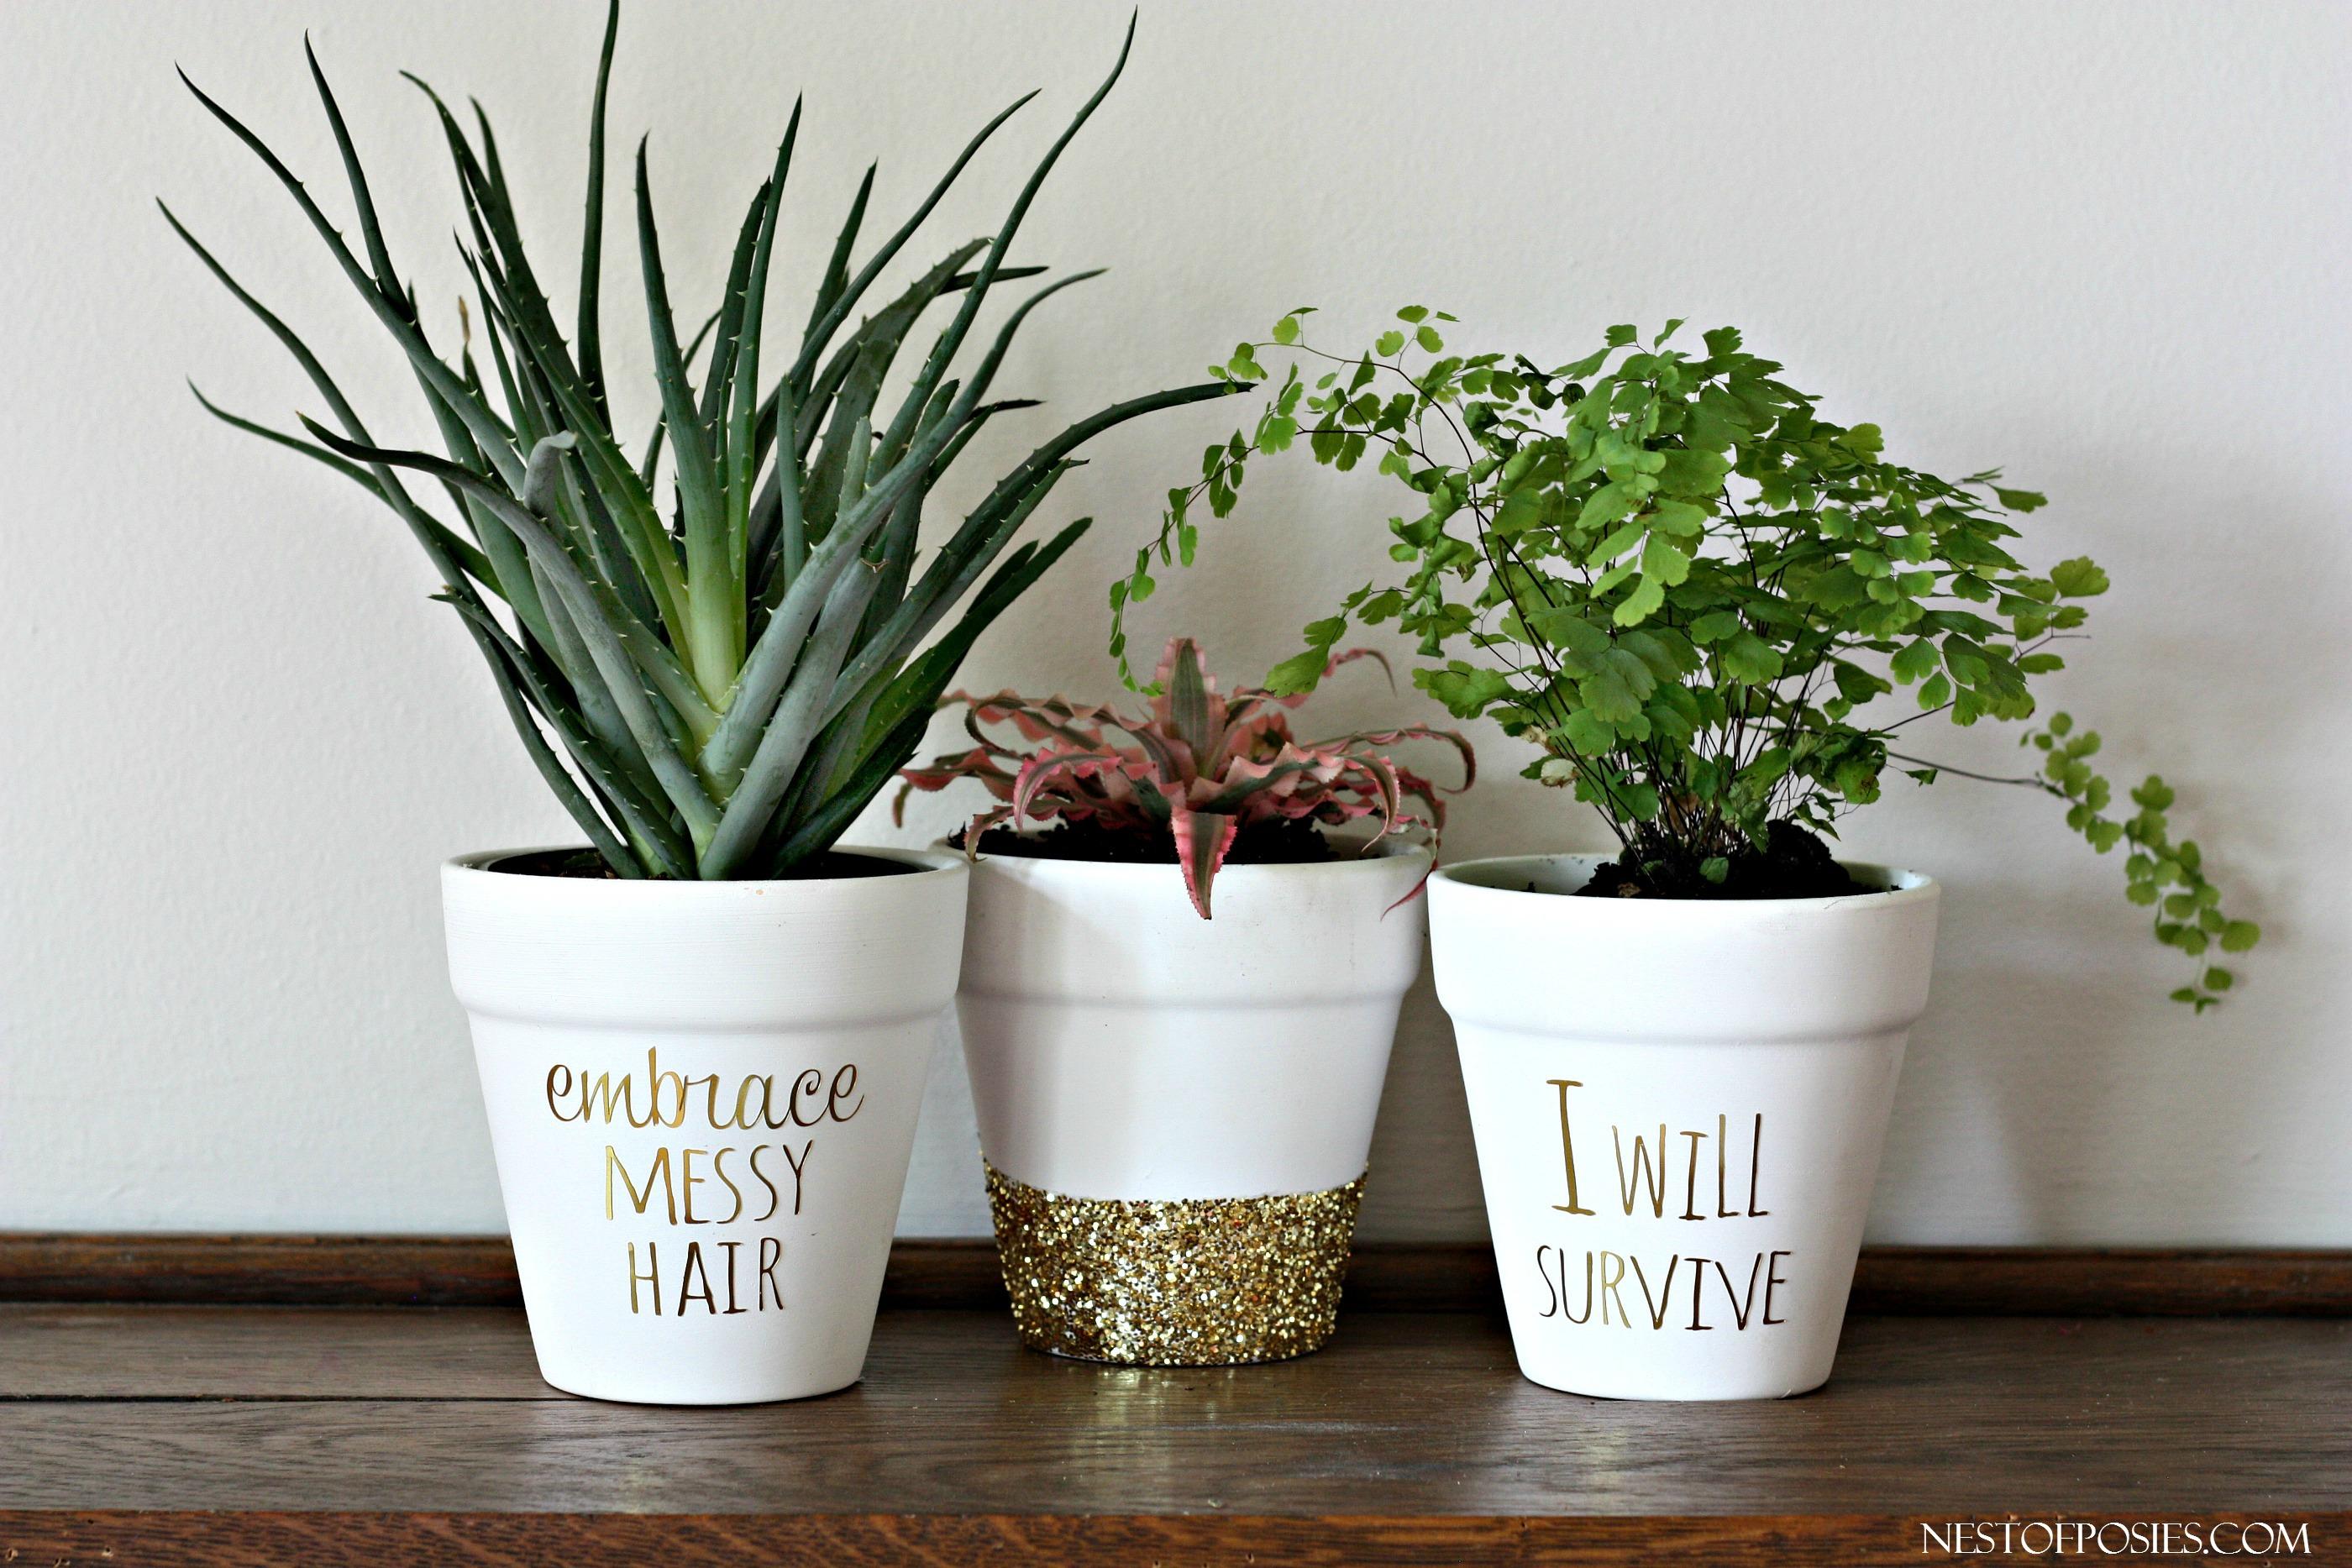 & DIY Gold Foil Lettering on Flower Pots